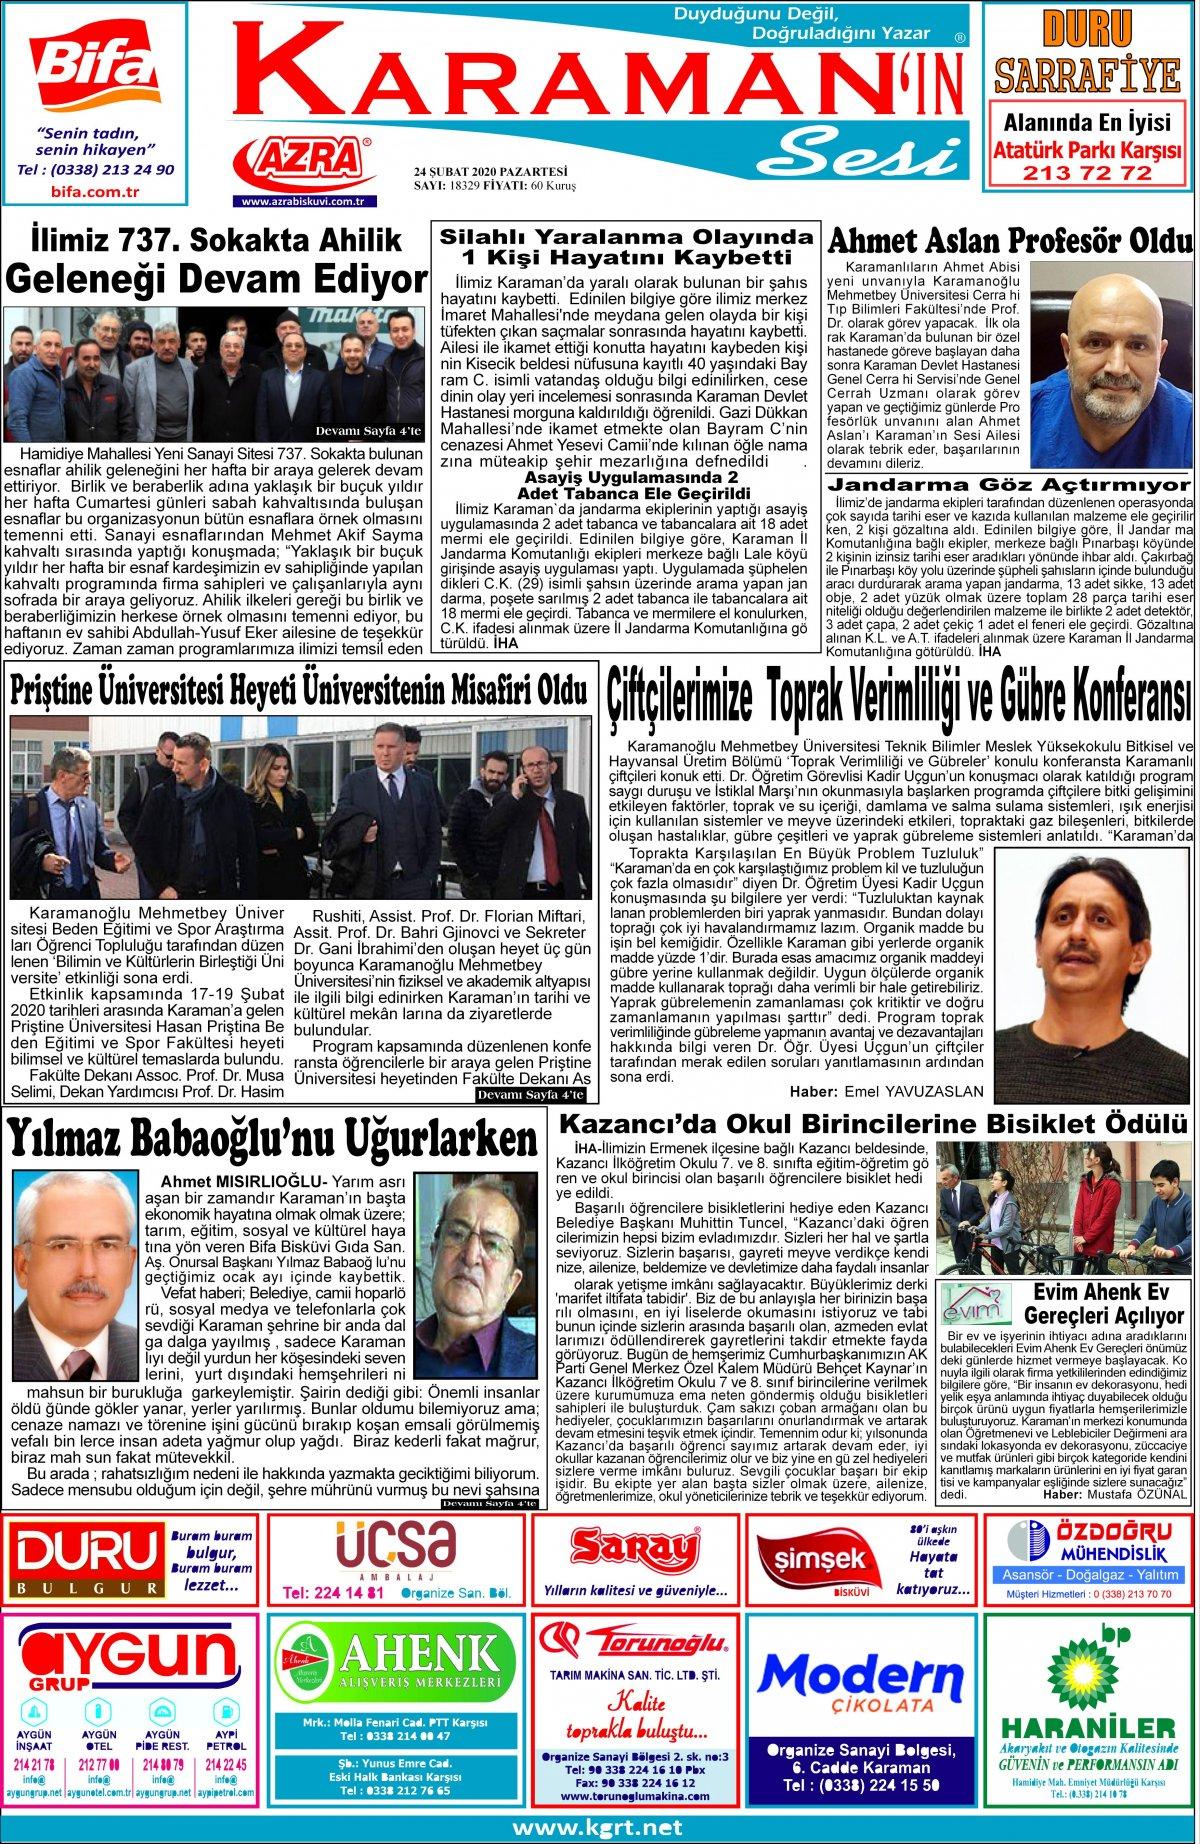 www.kgrt.net | Karaman Haber - 24.02.2020 Manşeti